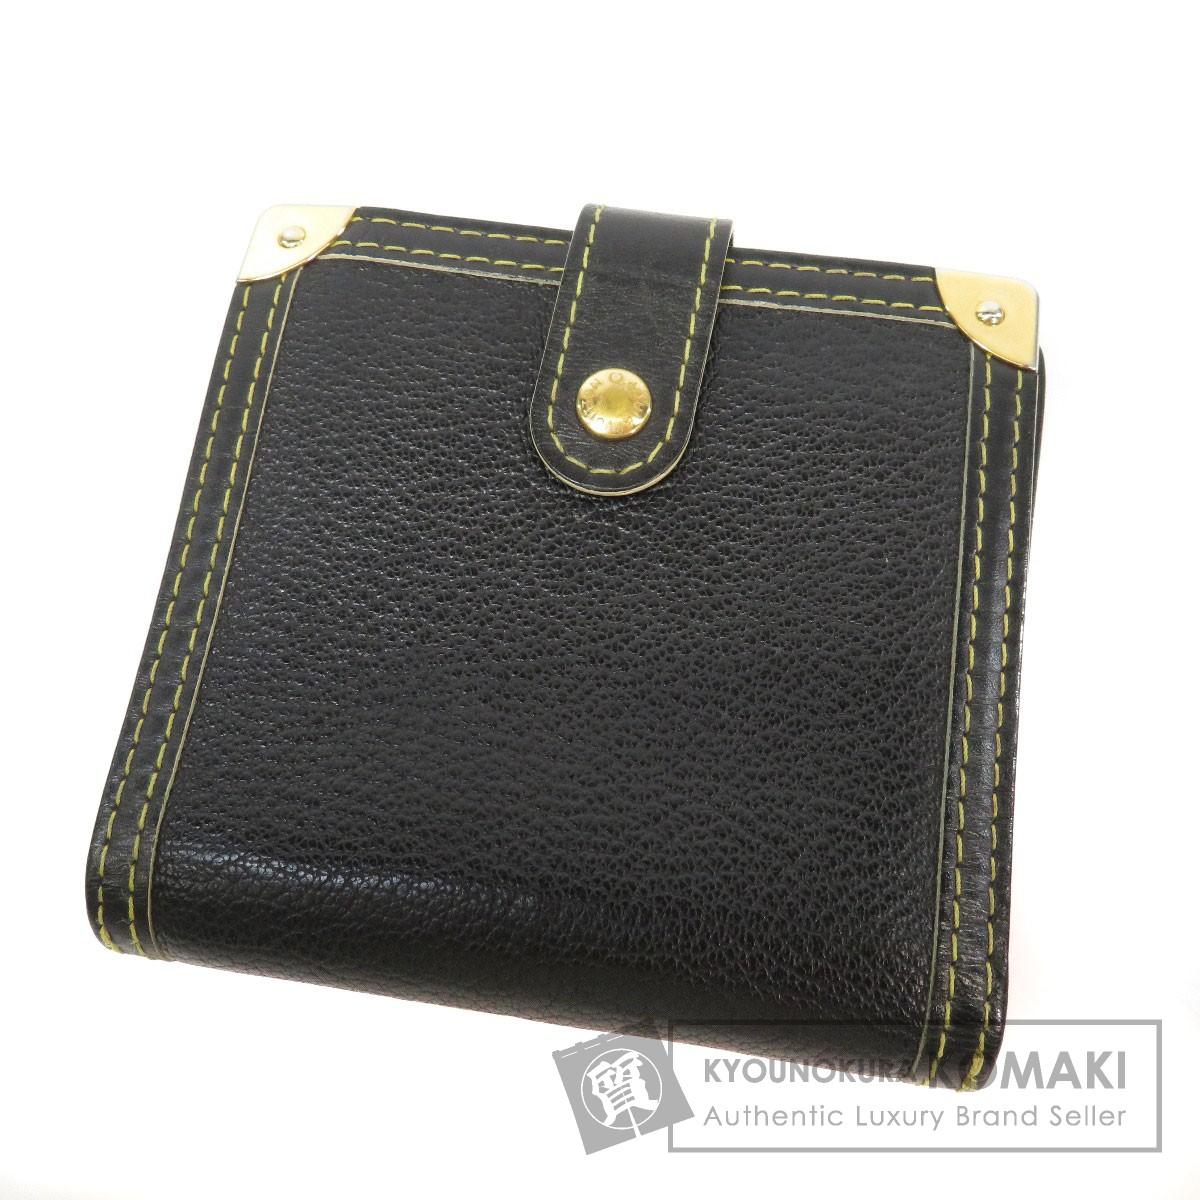 LOUIS VUITTON M91828 スハリライン コンパクトジップ 二つ折り財布(小銭入れあり) レザー レディース 【中古】【ルイ・ヴィトン】